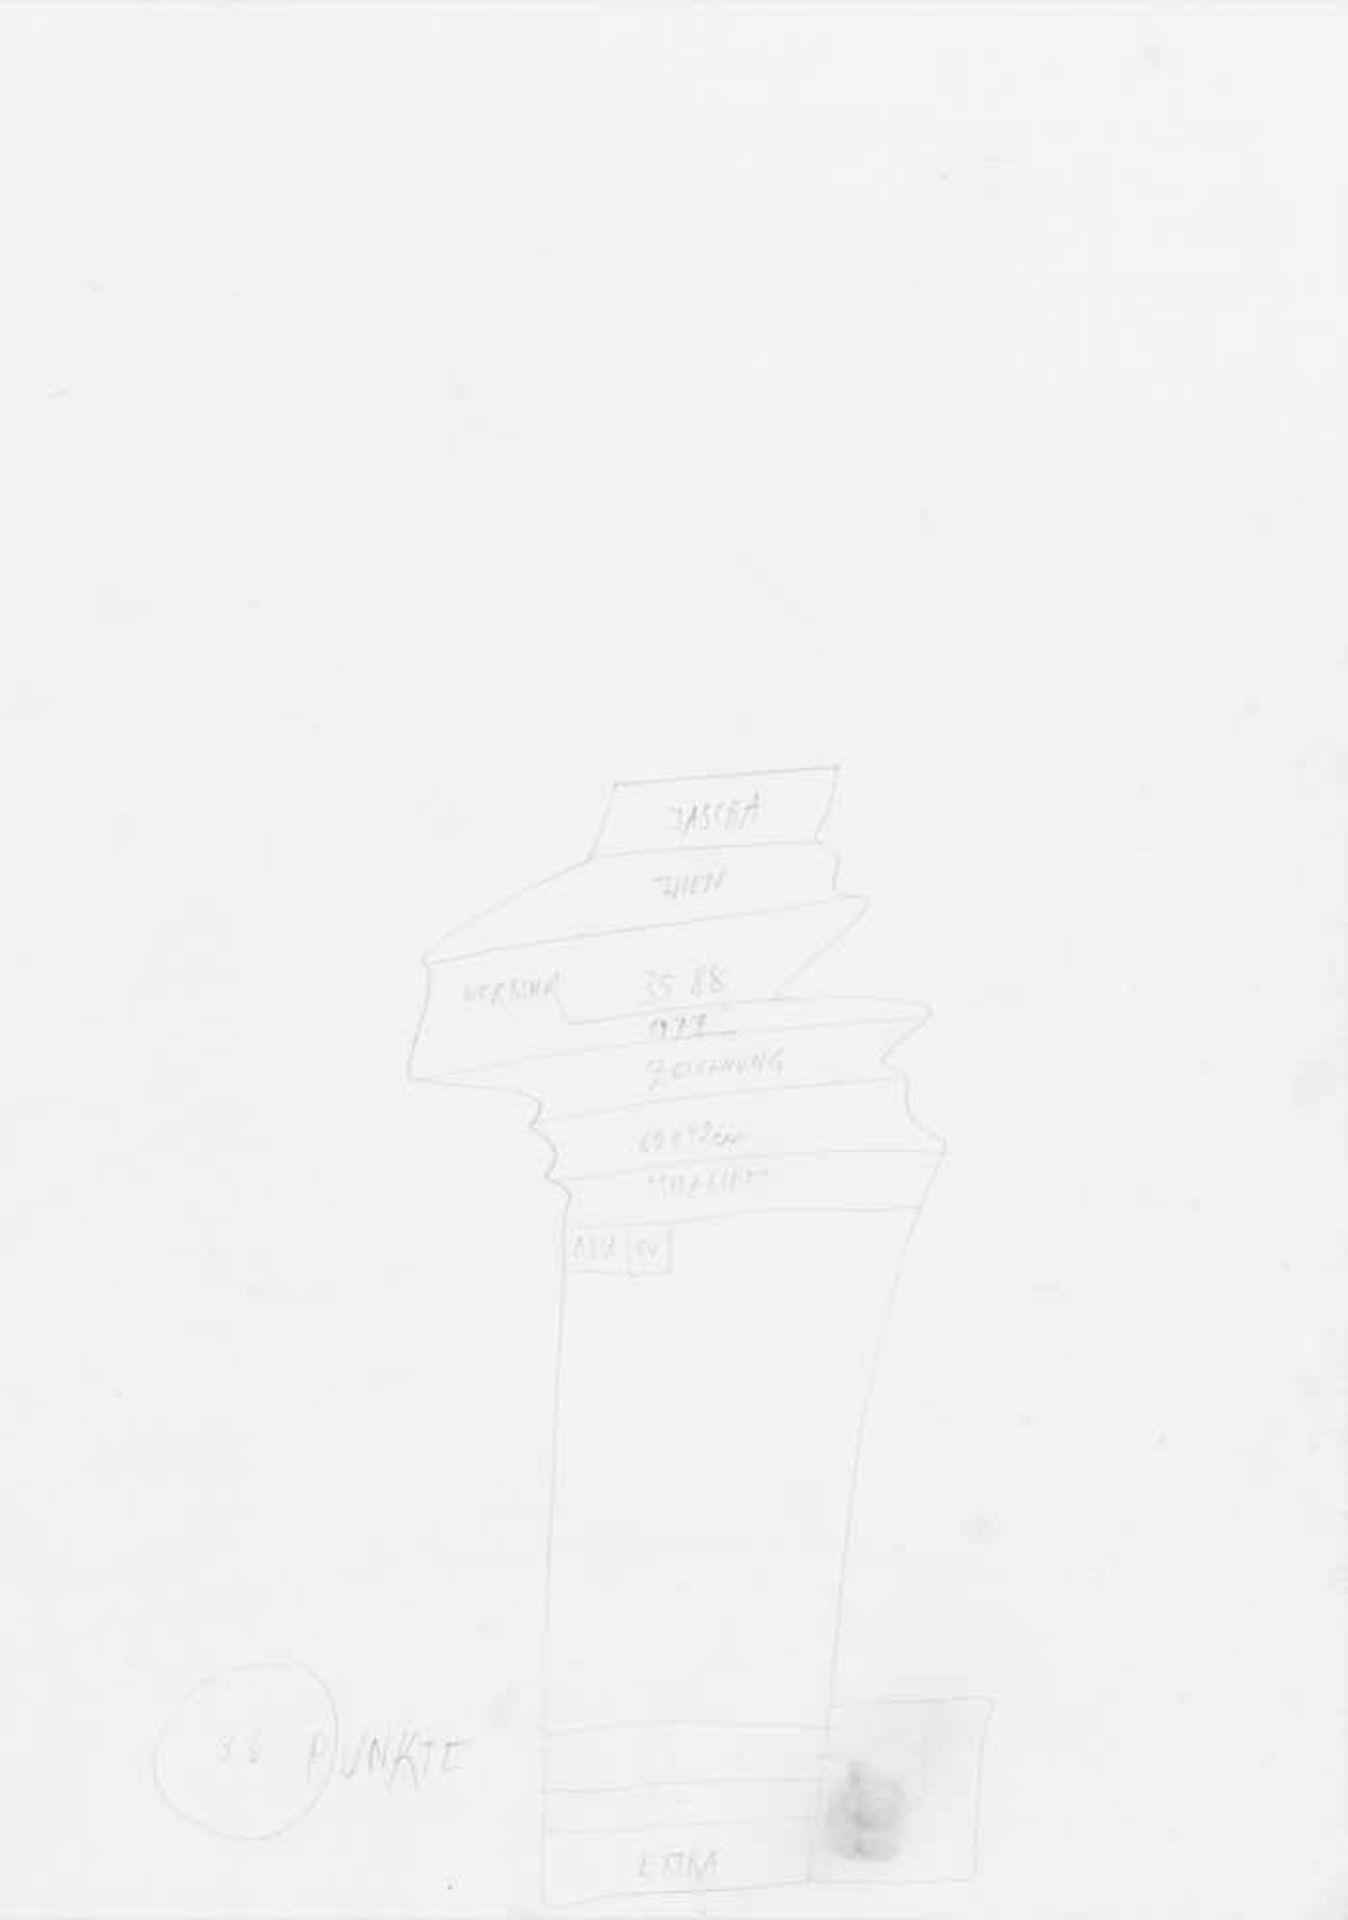 JOHANN JASCHA(1942 METTMACH)o. T., 1988Graphit auf Papier, 60 x 42 cmmontiert auf Karton: 70 x 50 - Bild 2 aus 2